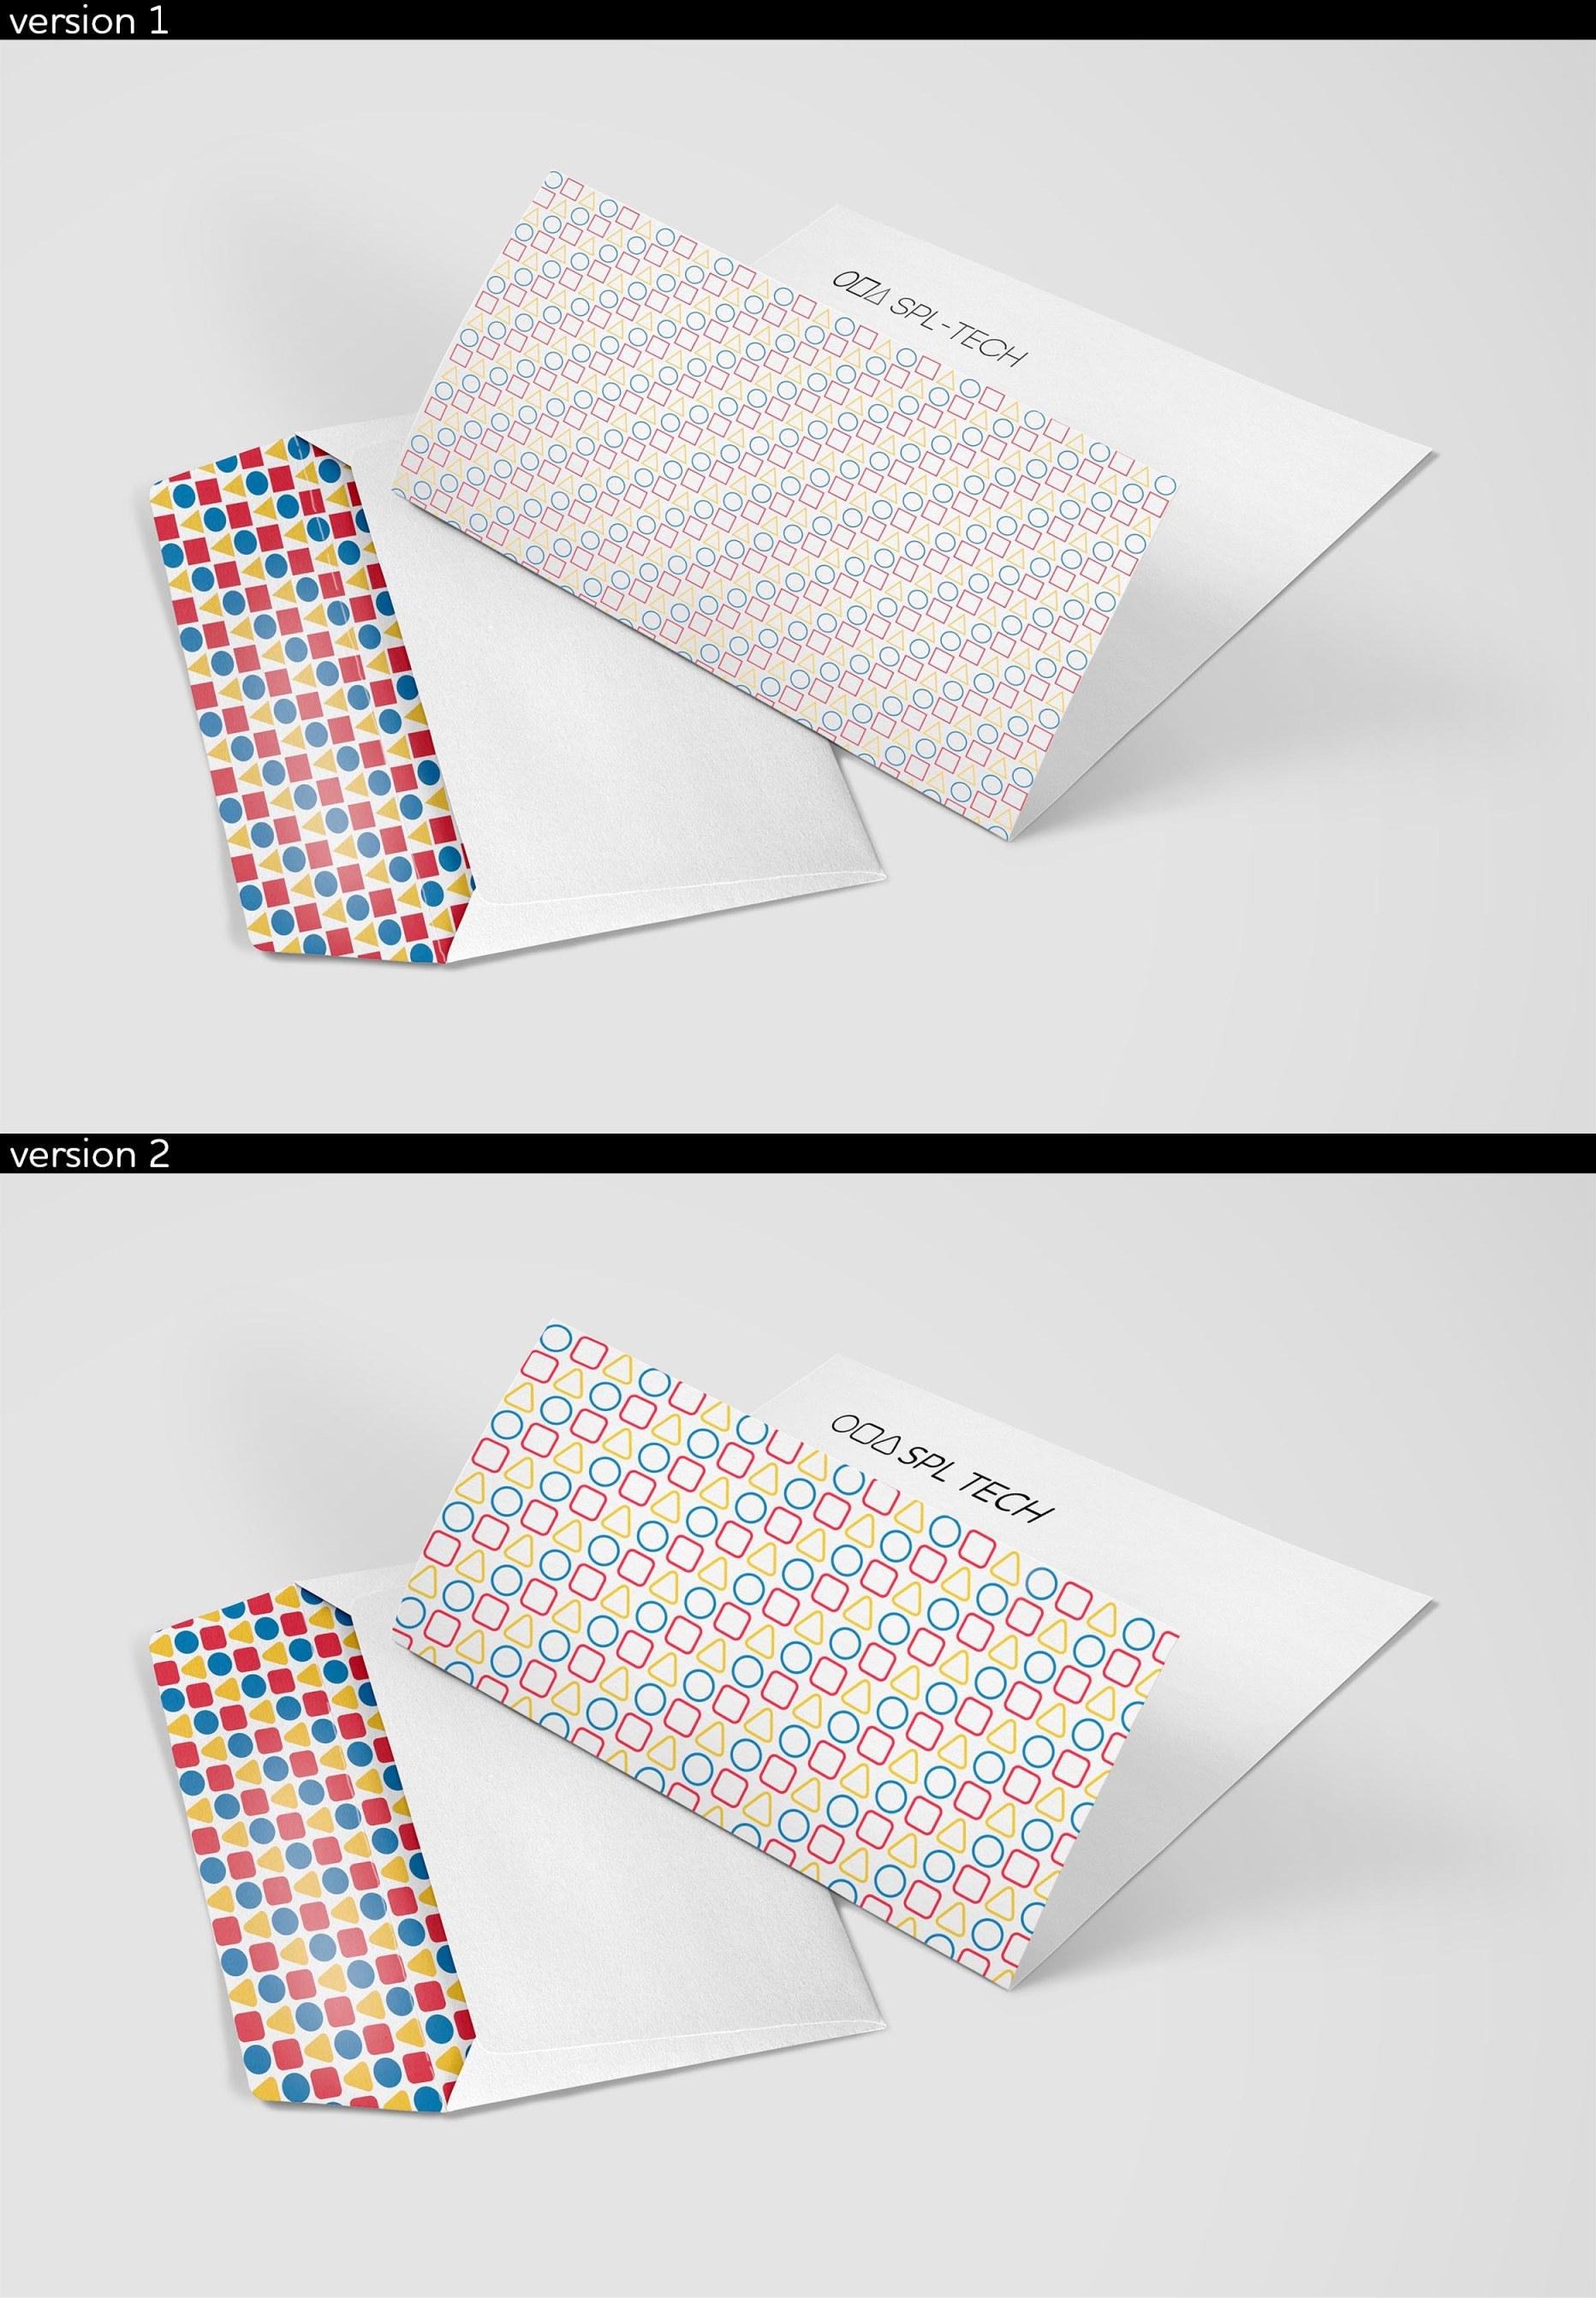 Разработка логотипа и фирменного стиля фото f_43659b1299e8808f.jpg